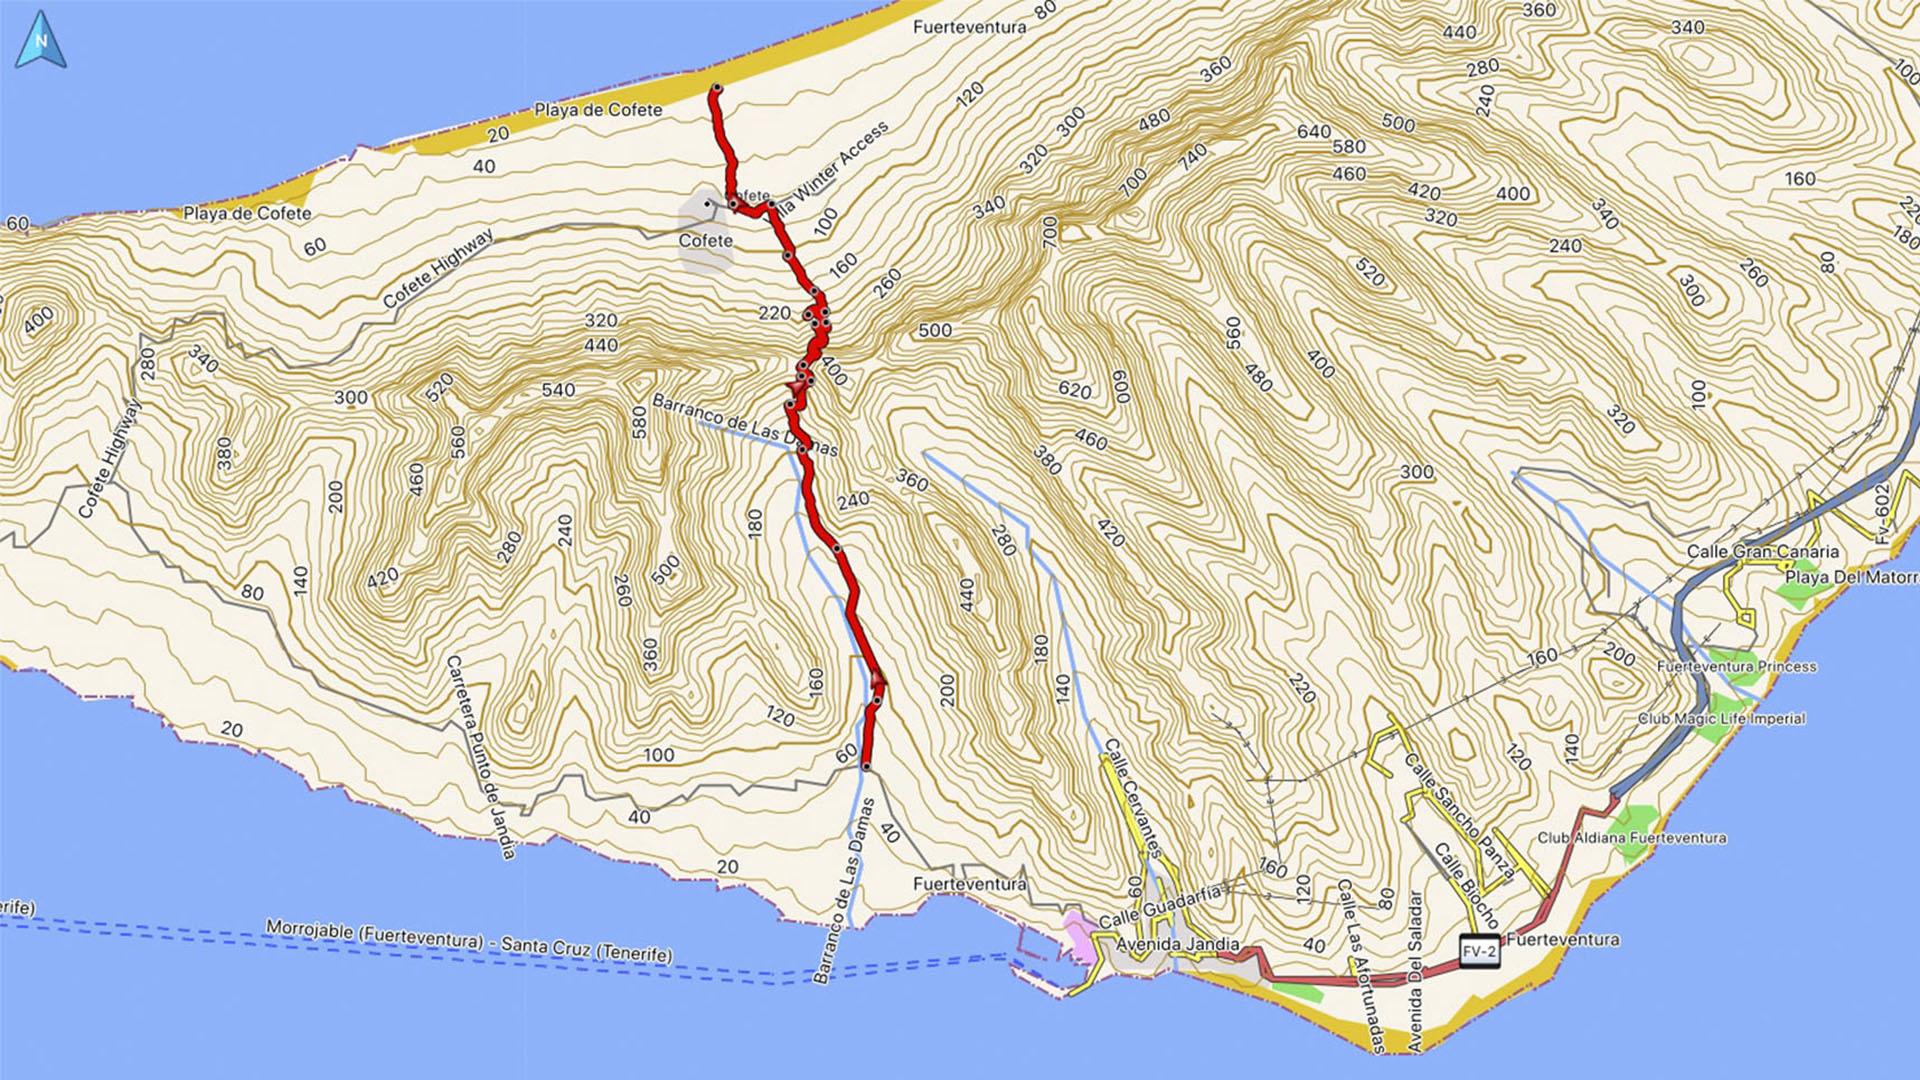 Wandern + Trekking auf Fuerteventura: Durch das Gran Valle nach Cofete.